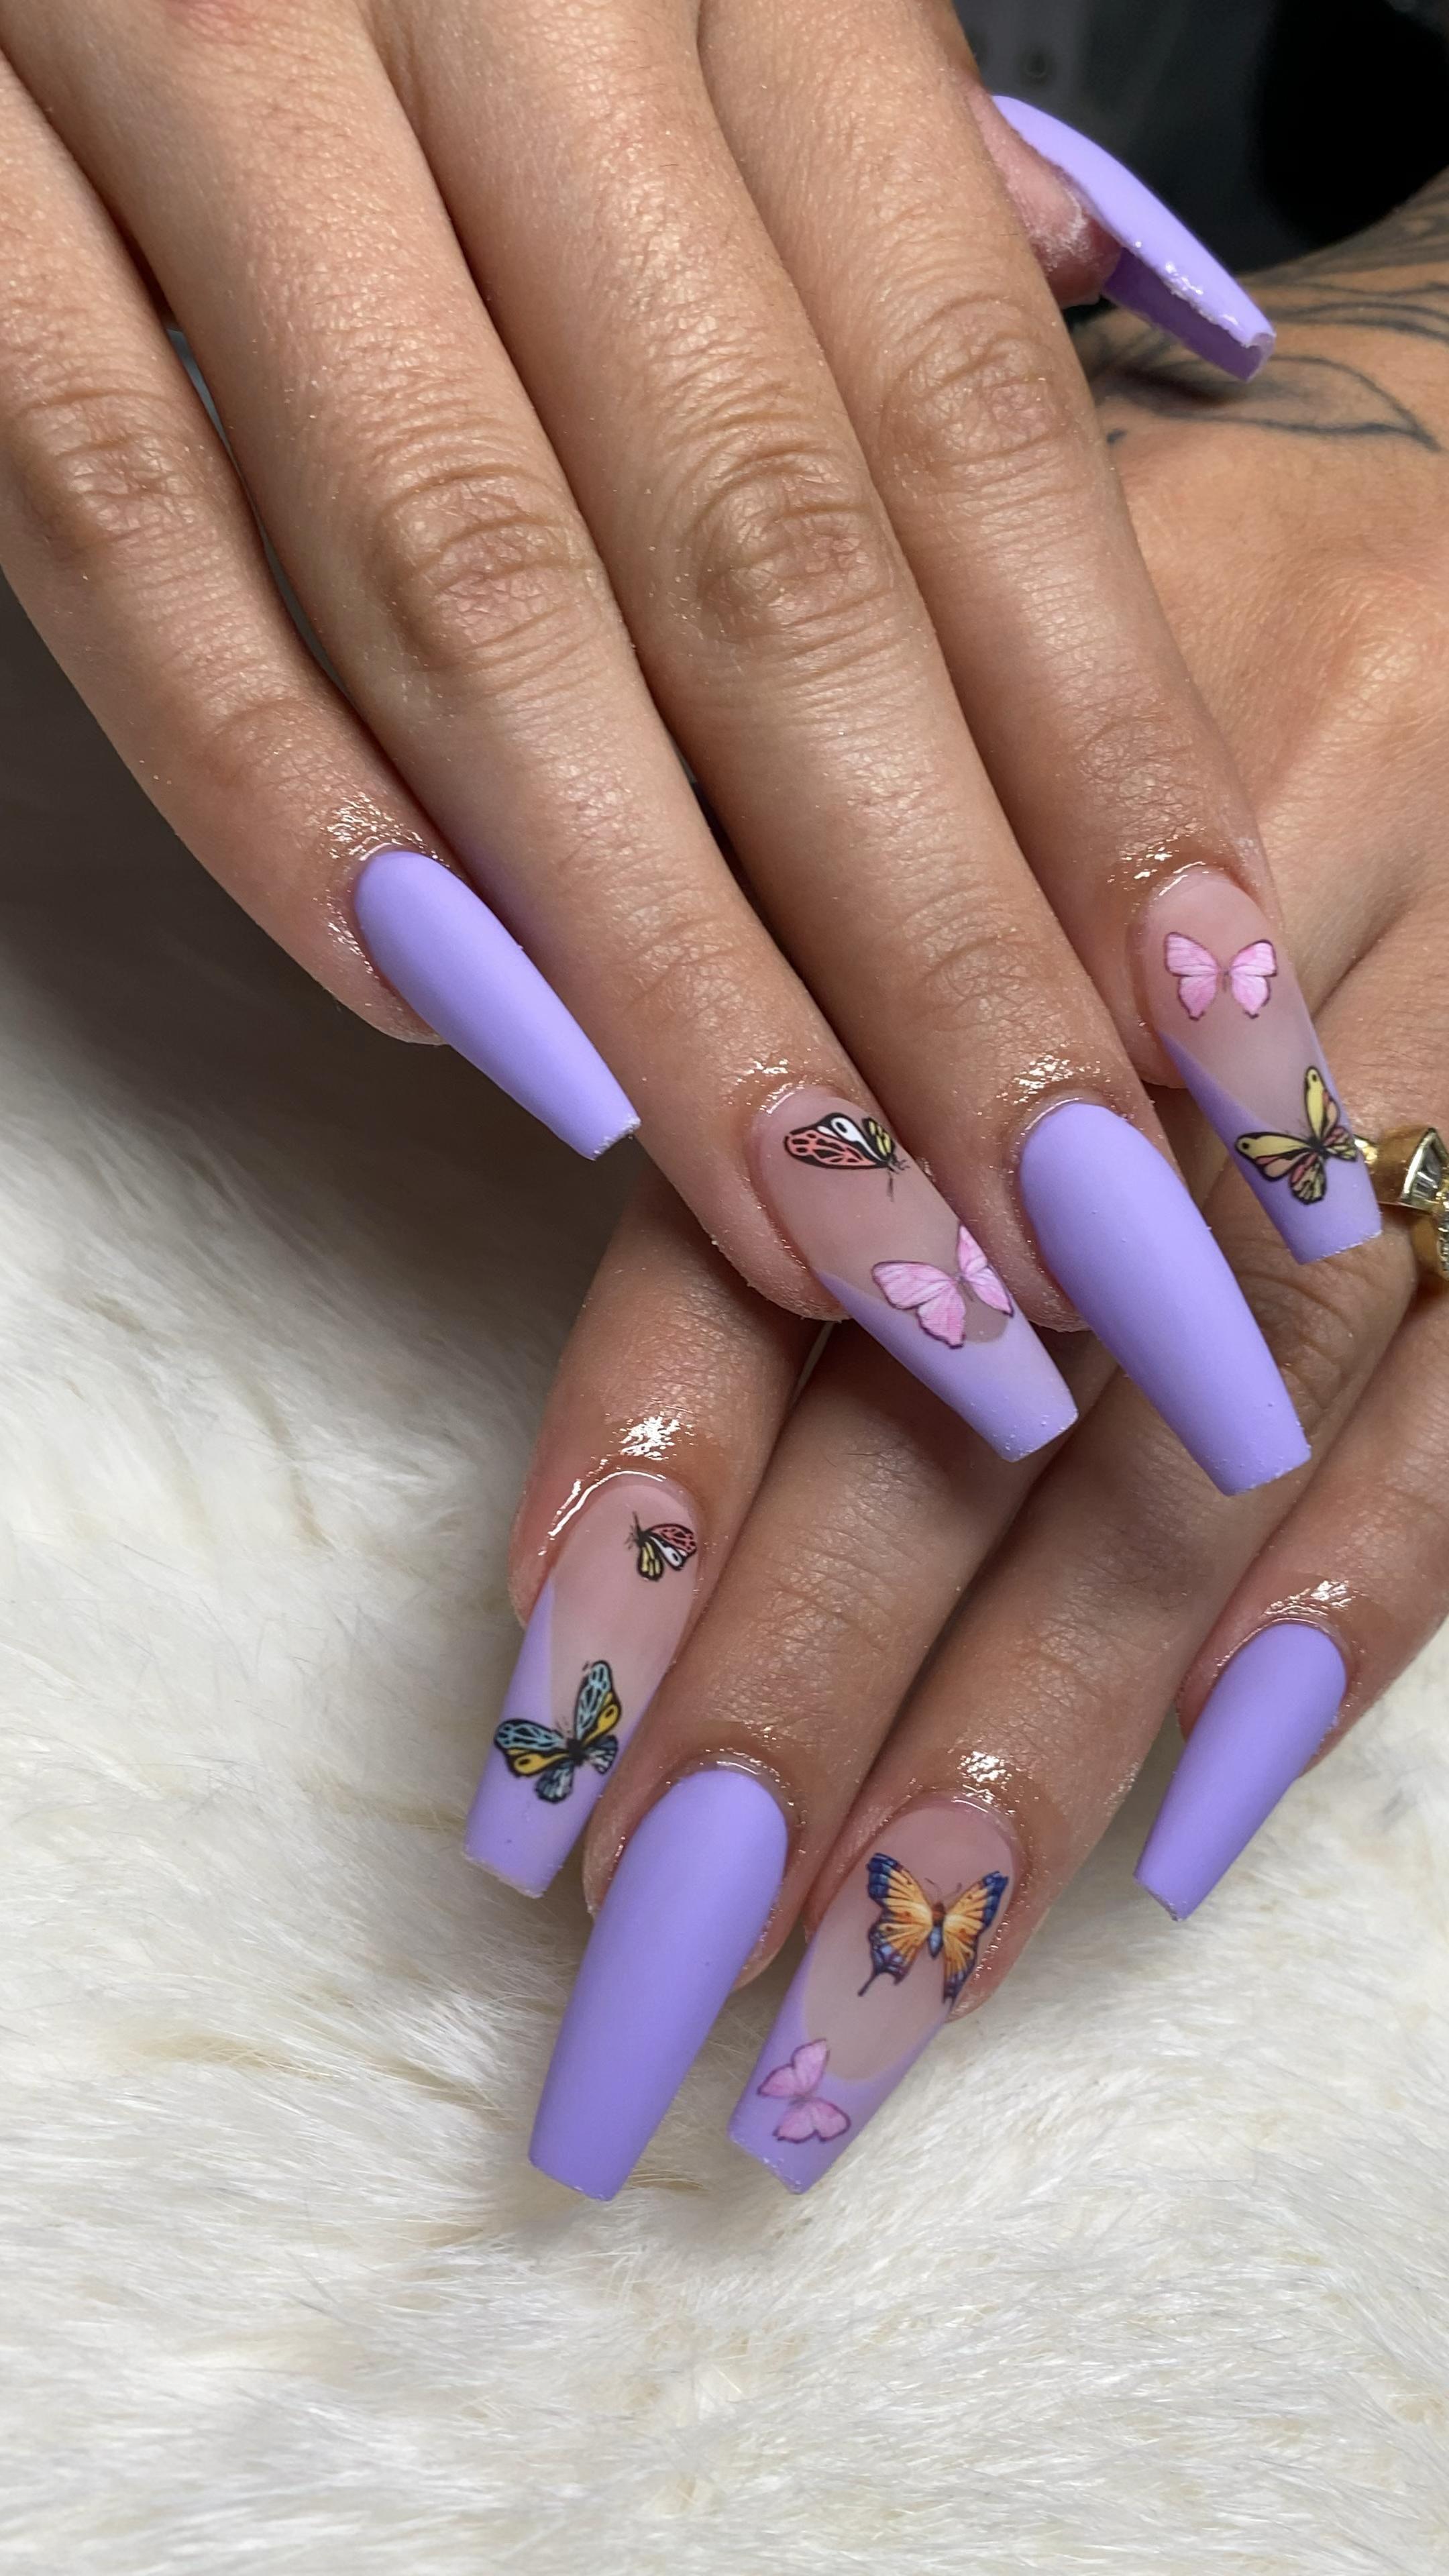 Butterfly Nail Art Matte Purple Acrylic Nails Video In 2020 Purple Acrylic Nails Gel Nails Purple Nails